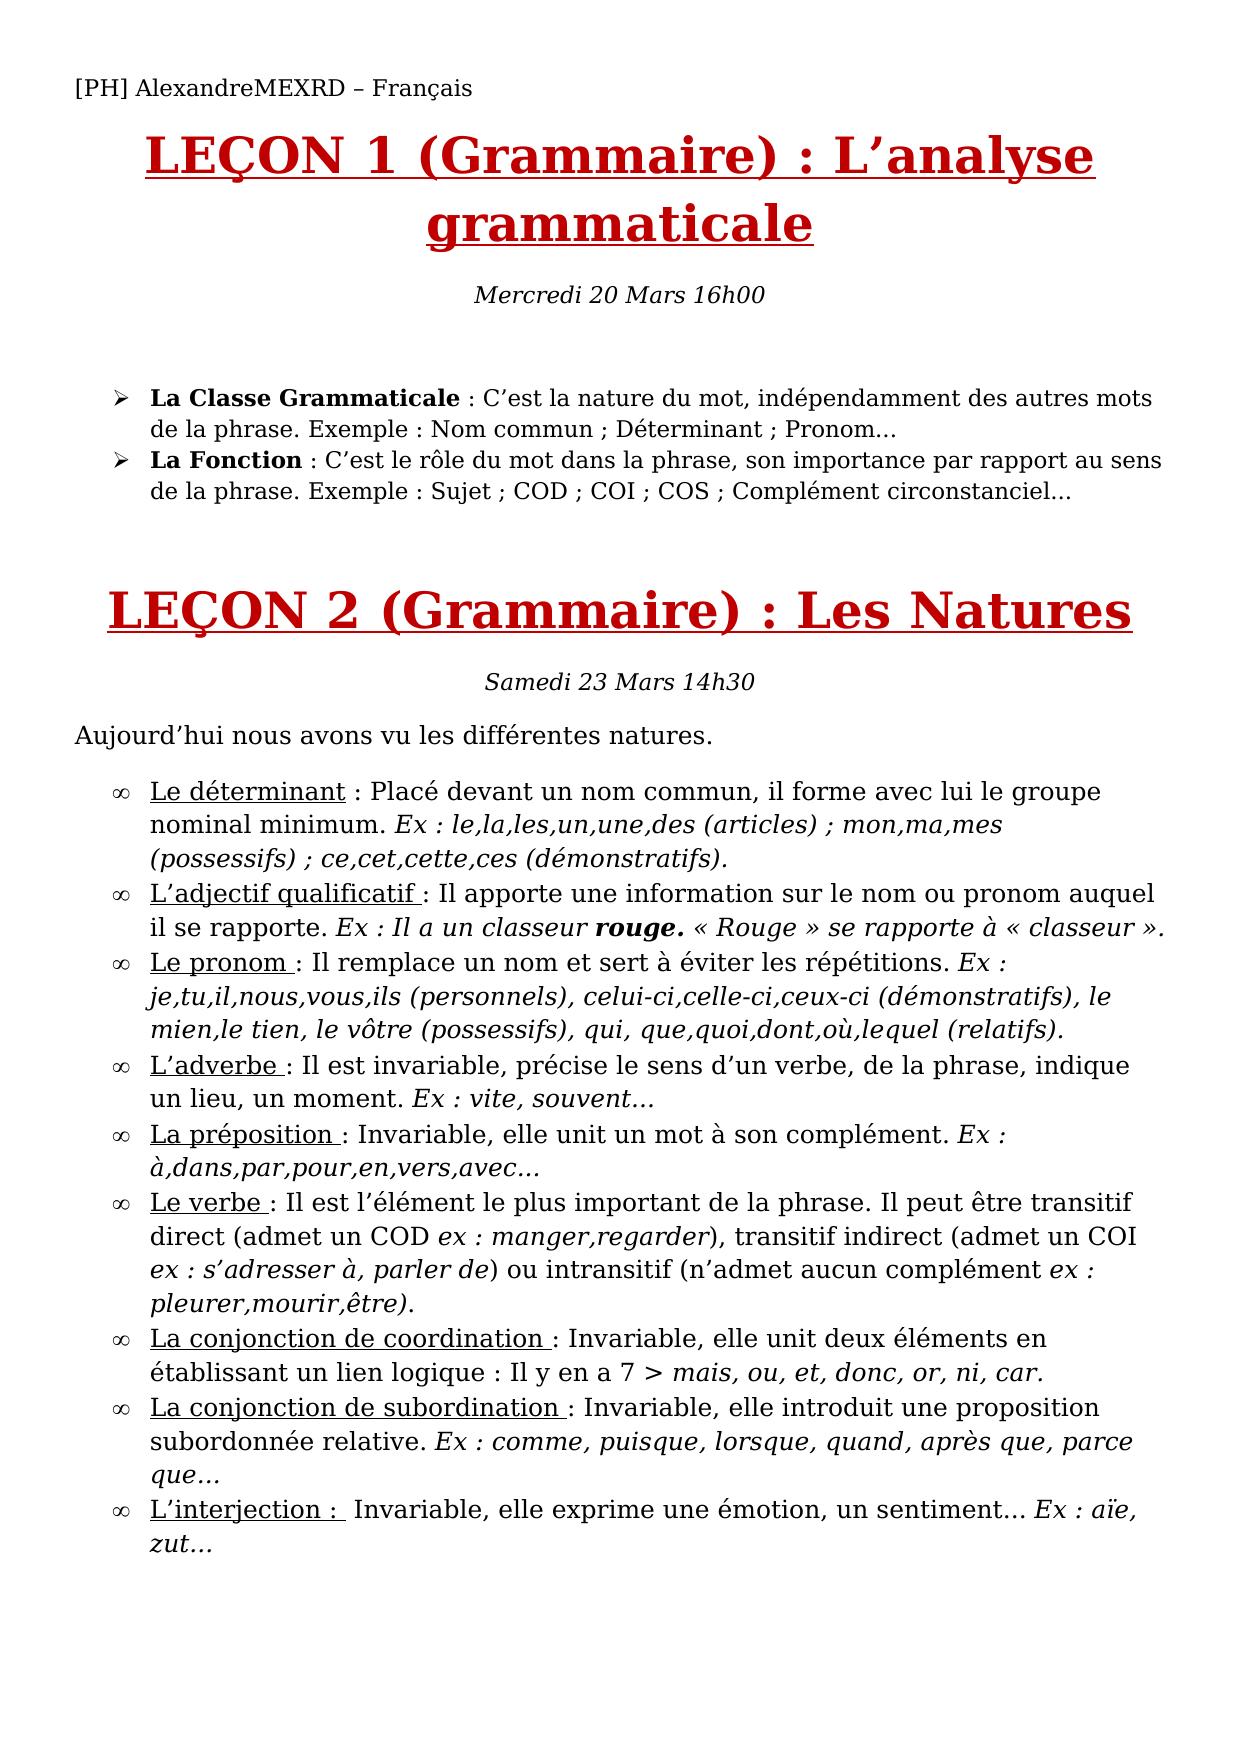 LEÇON 1 (Grammaire) : L'analyse grammaticale